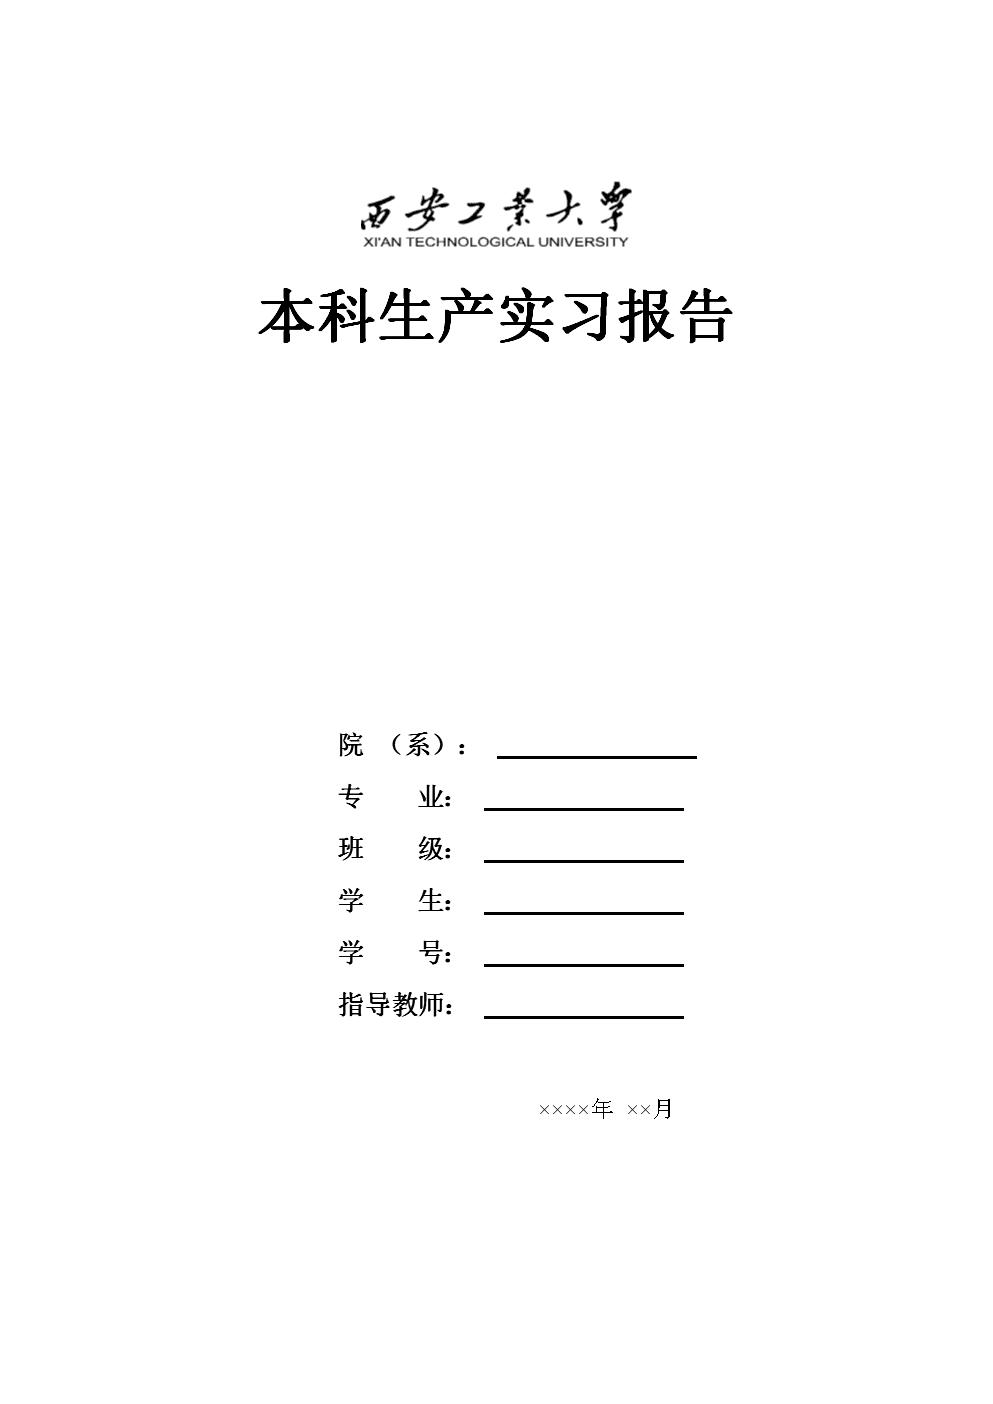 陕西北方动力有限责任公司生产实习报告.doc